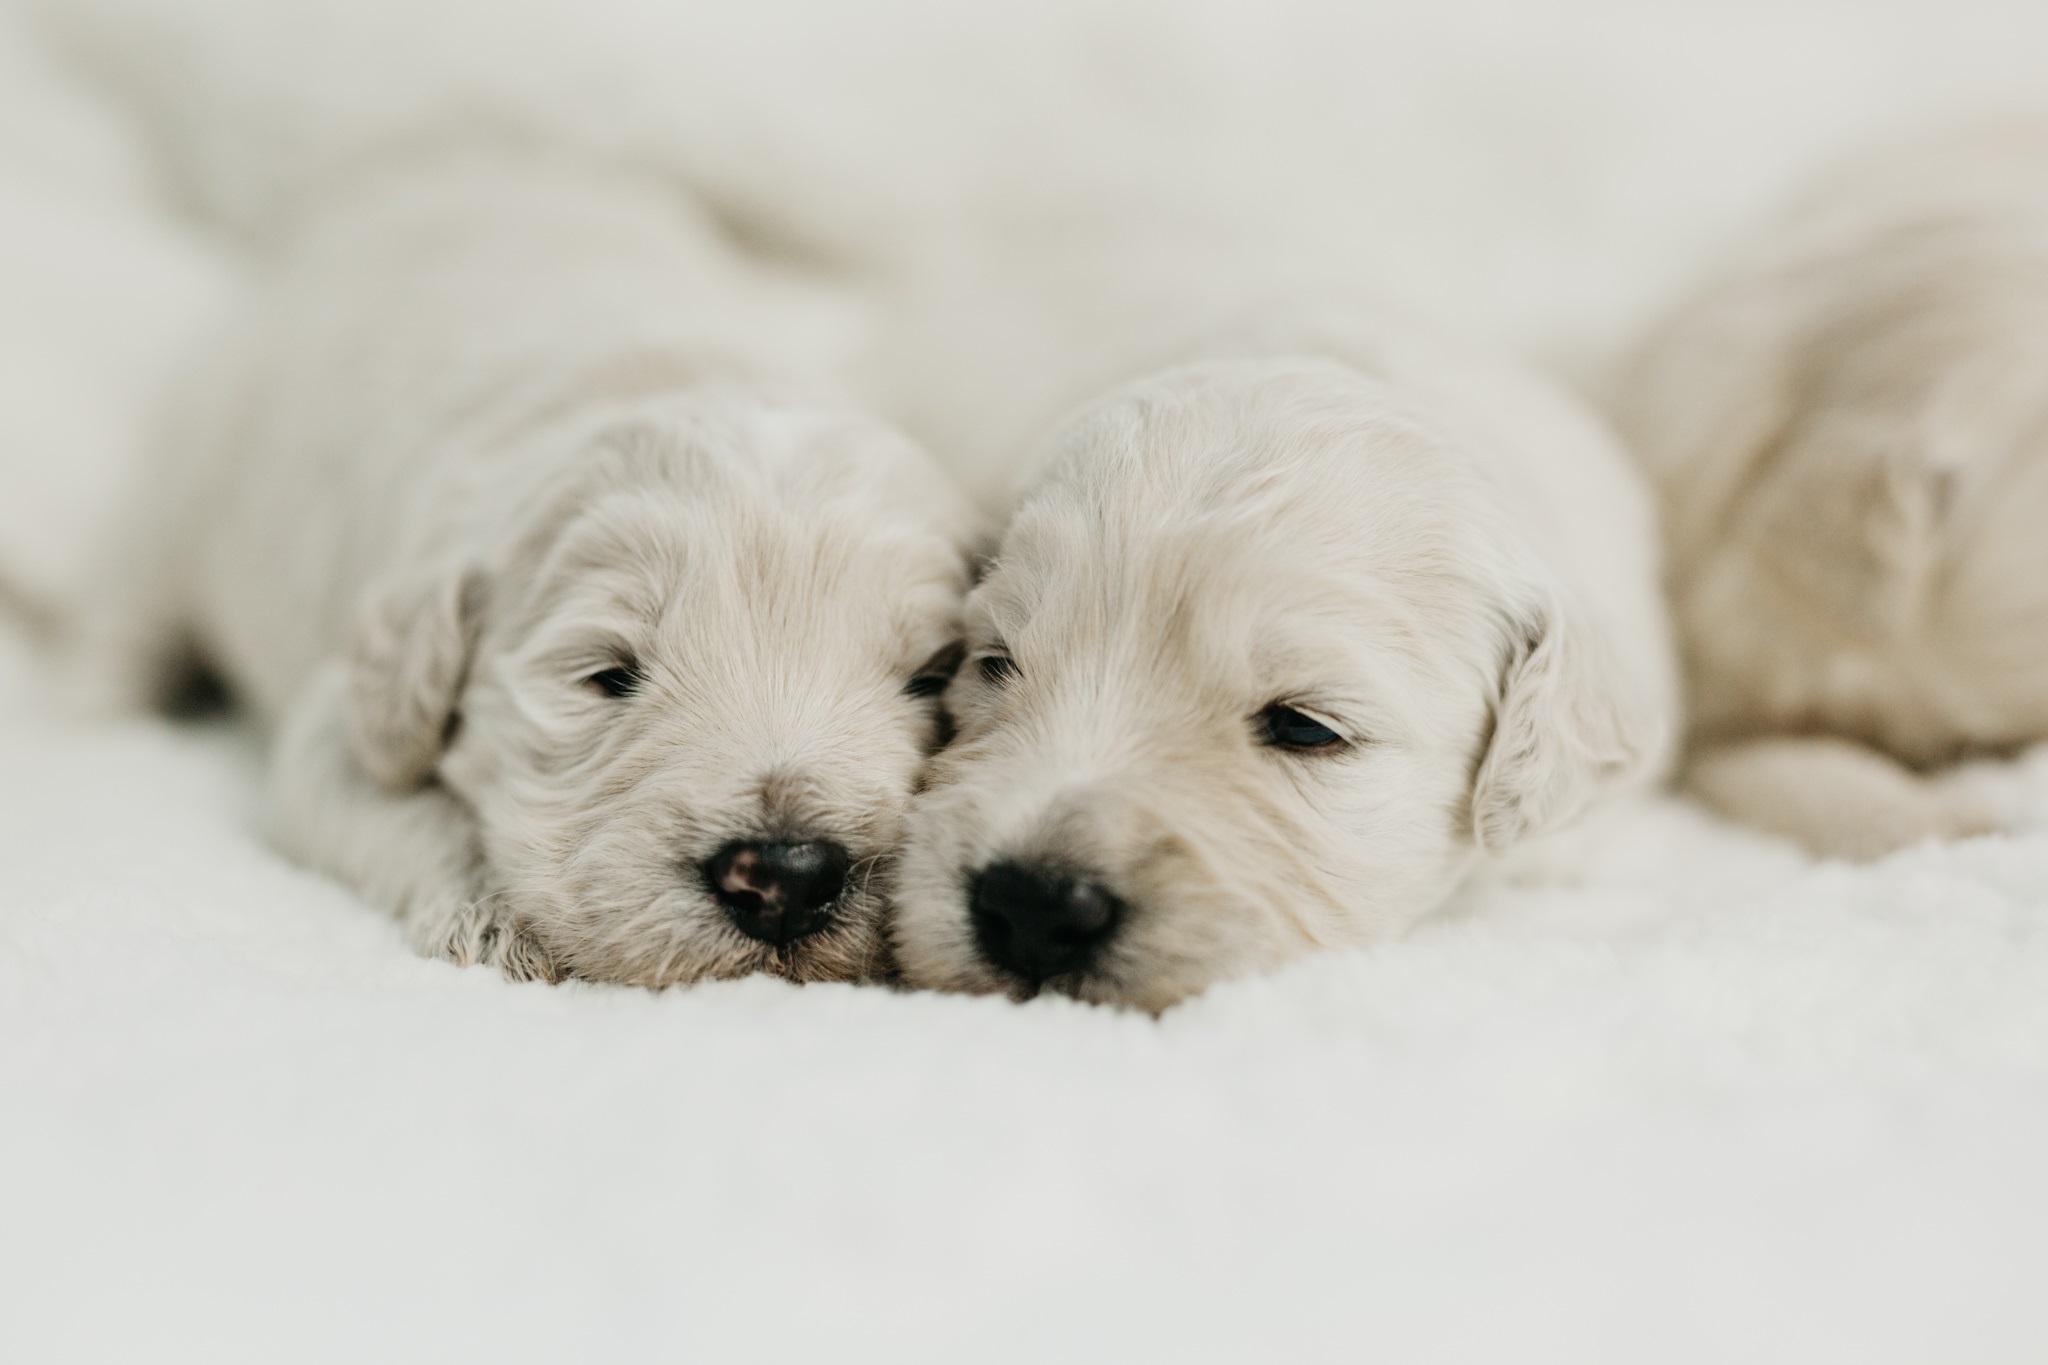 Puppies-Week-2-7.jpg